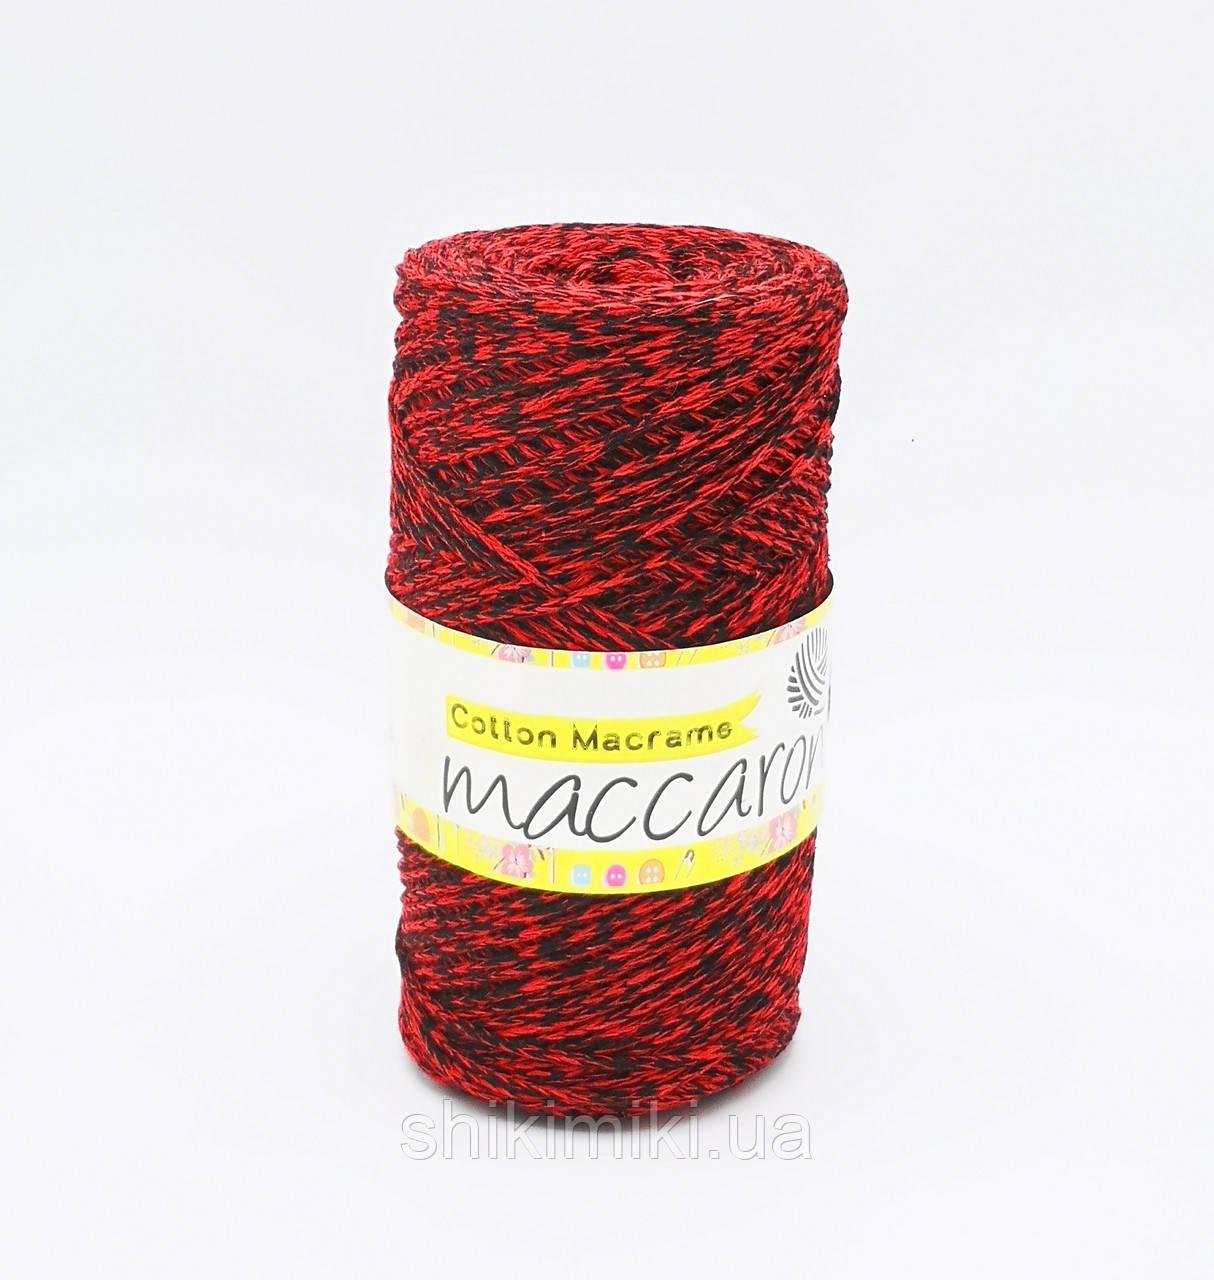 Эко Шнур Cotton Macrame, цвет Красно-черный